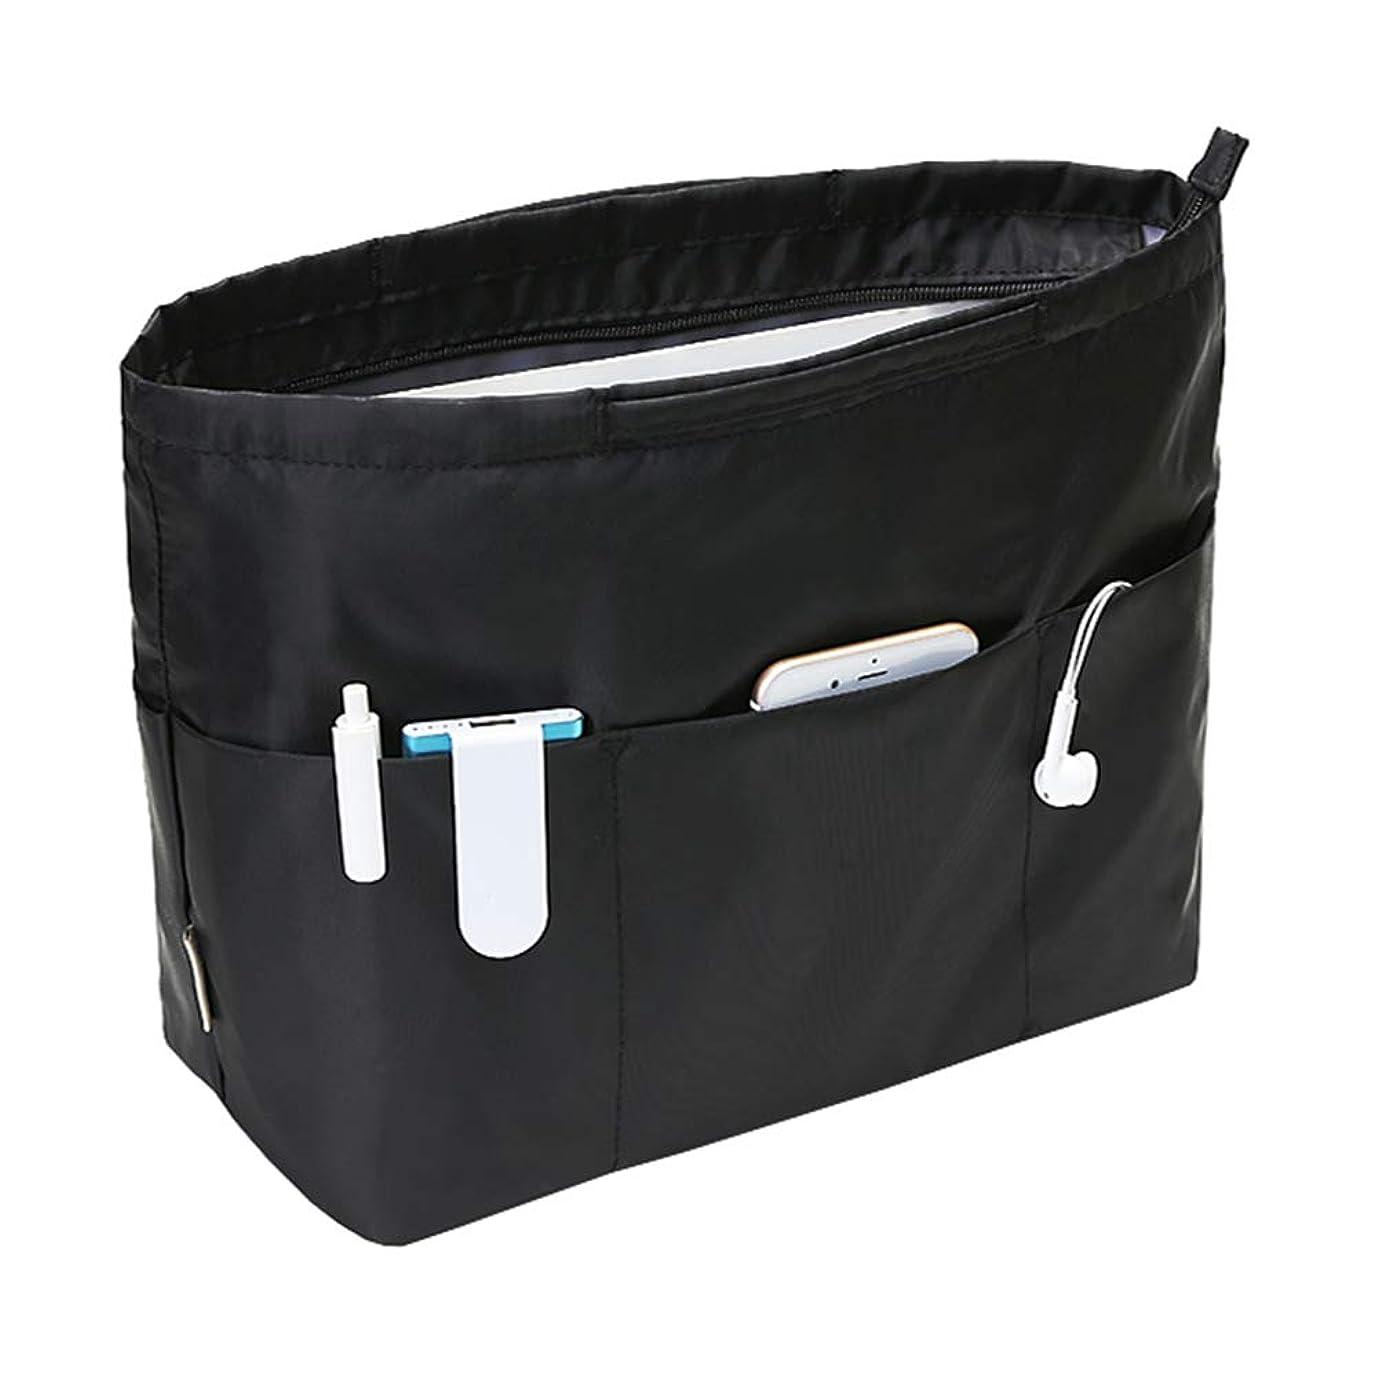 帝国主義枯渇スタンドAPSOONSELL 大容量 バッグインバッグ 13ポケット トートバック用 バックインバック 大きめ レディース メンズ 収納バッグ 出勤 インナーバッグ A4 整理 仕切り